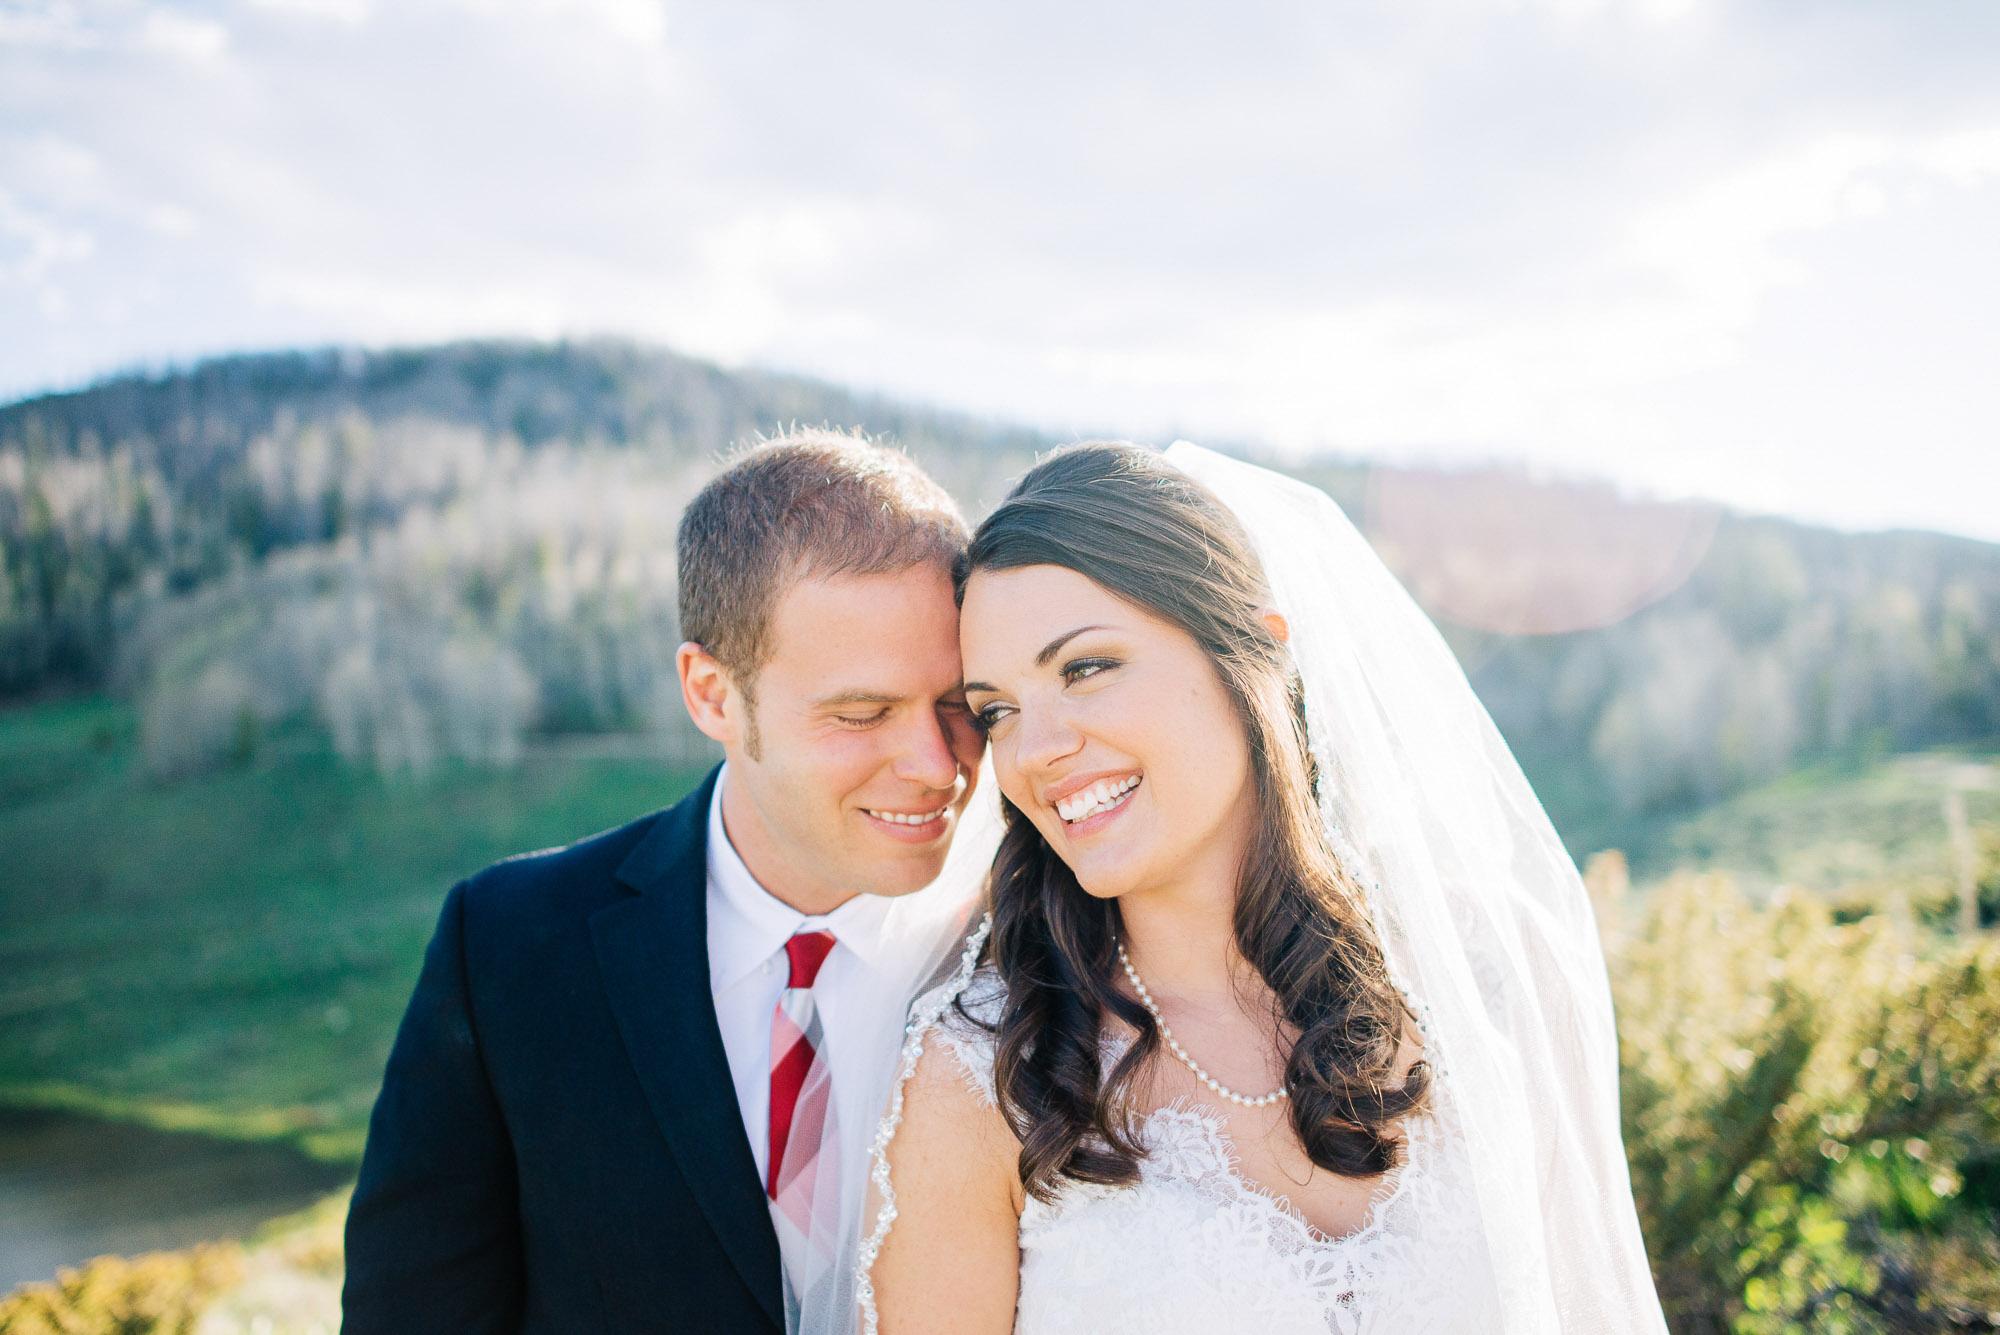 39elopement-photographer-colorado-001colorado-mountain-wedding-photographer-romantic-wedding-pictures_030.jpg